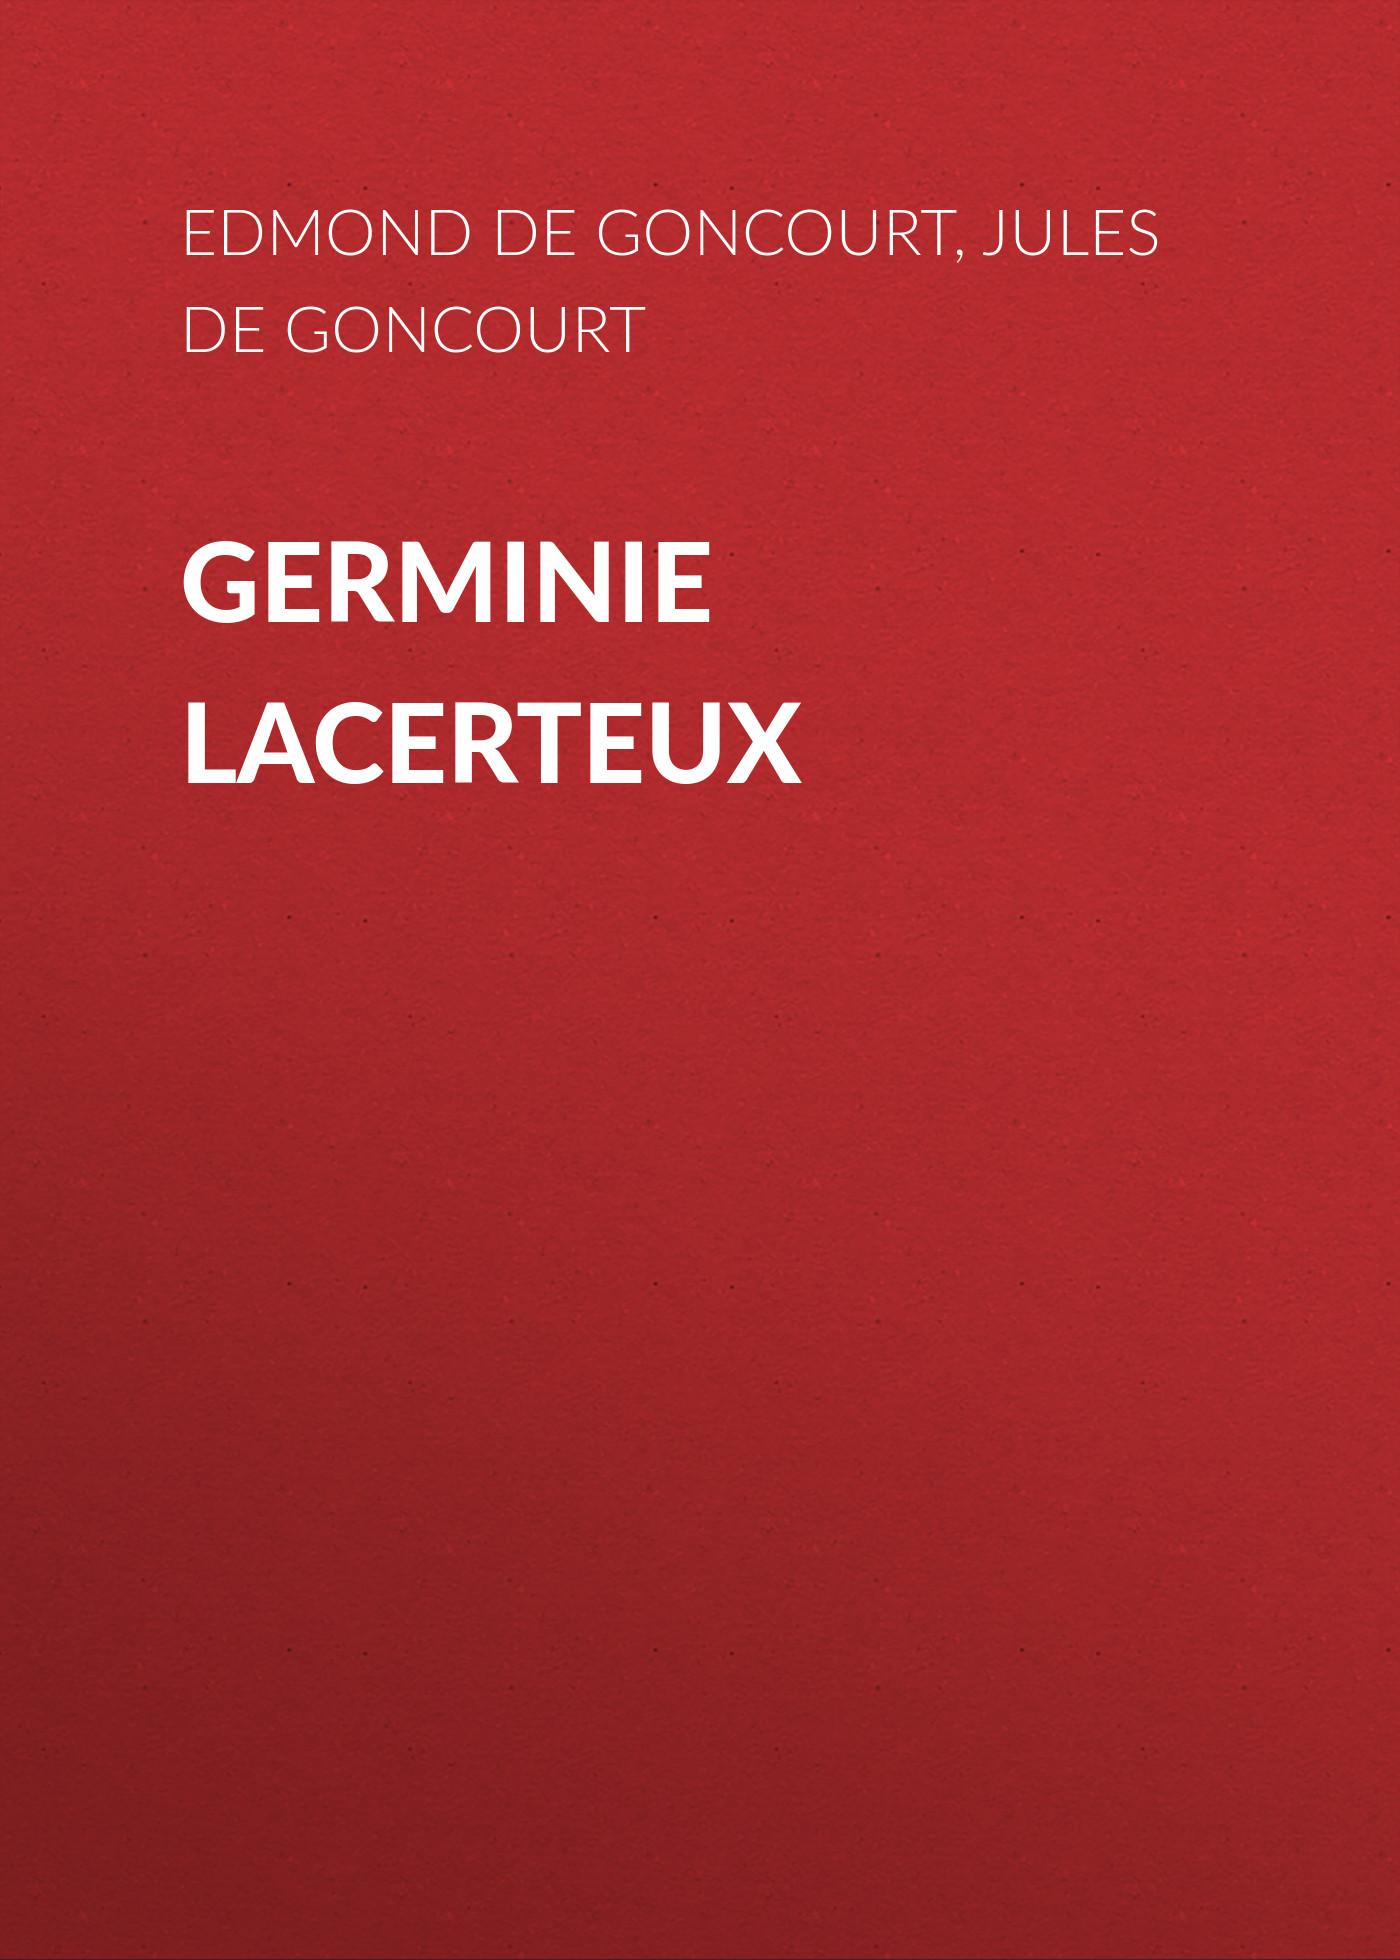 Edmond de Goncourt Germinie Lacerteux edmond de goncourt quelques créatures de ce temps